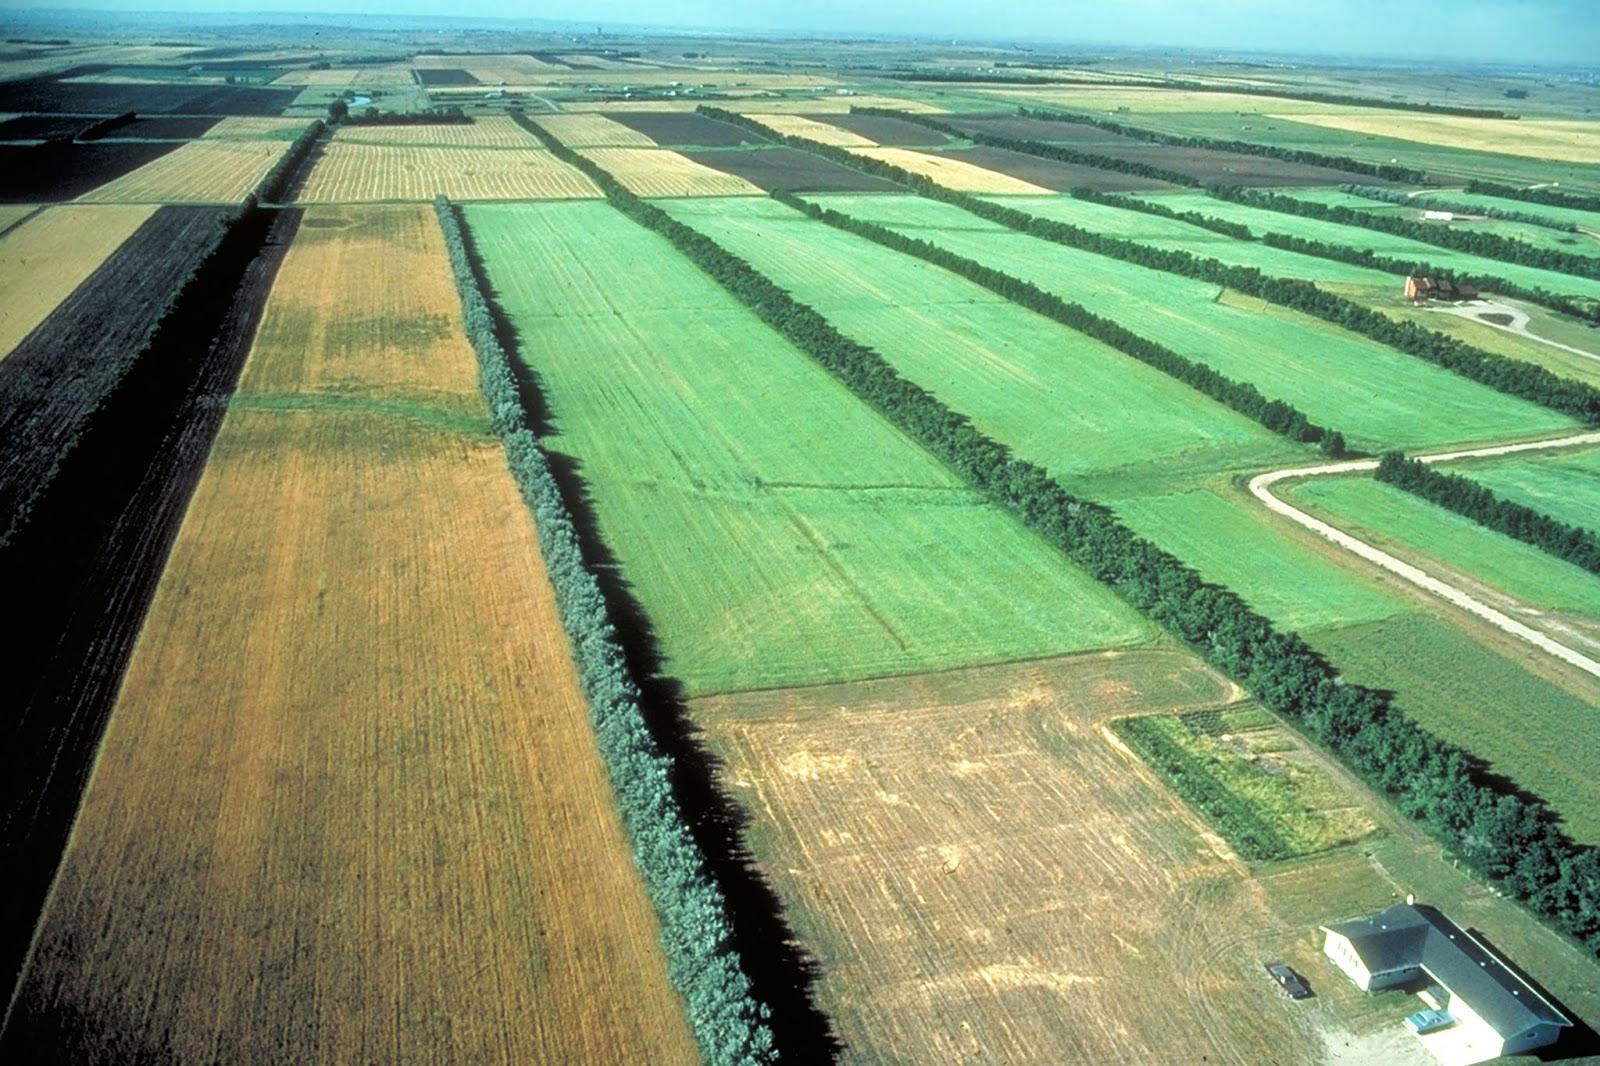 Windbreaks between fields